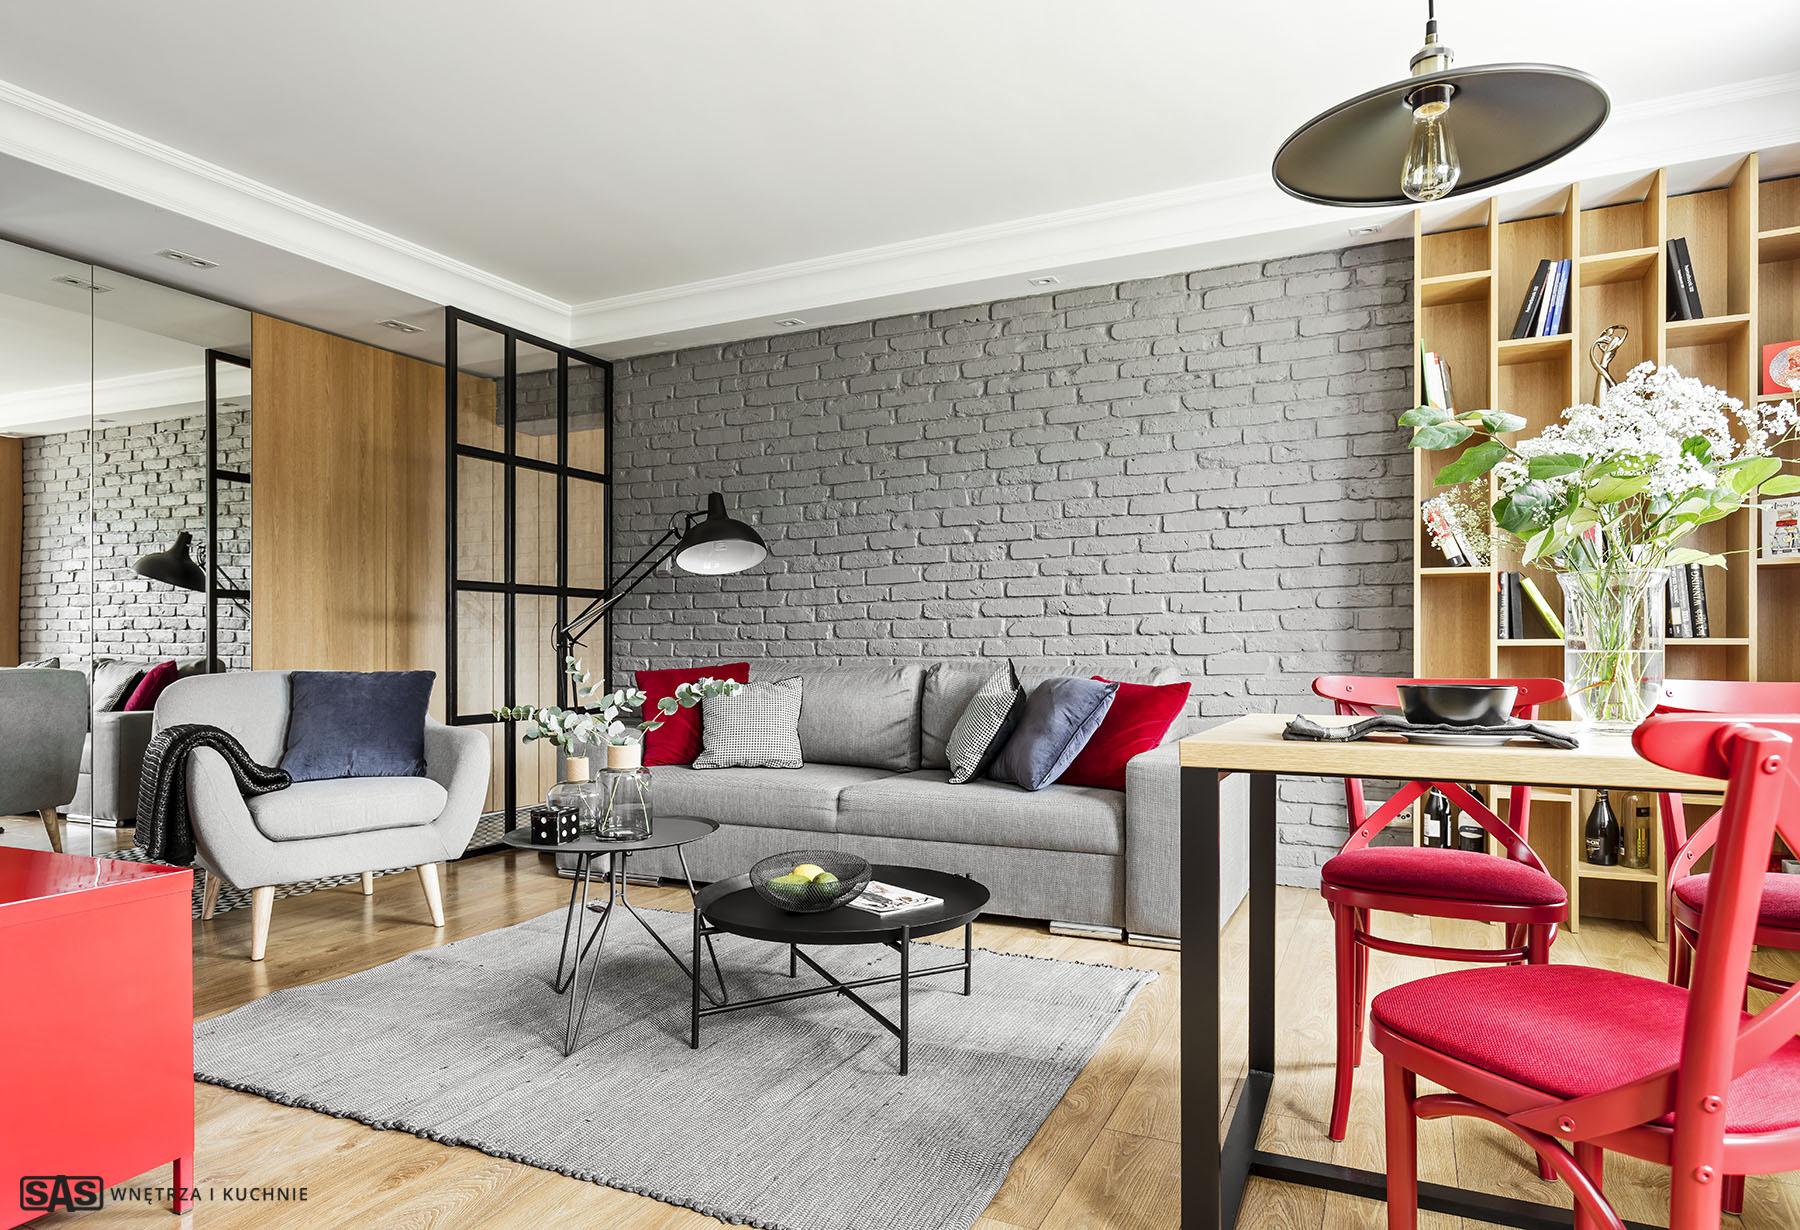 mieszkanie z akcentem czerwieni sas wnętrza i kuchnie